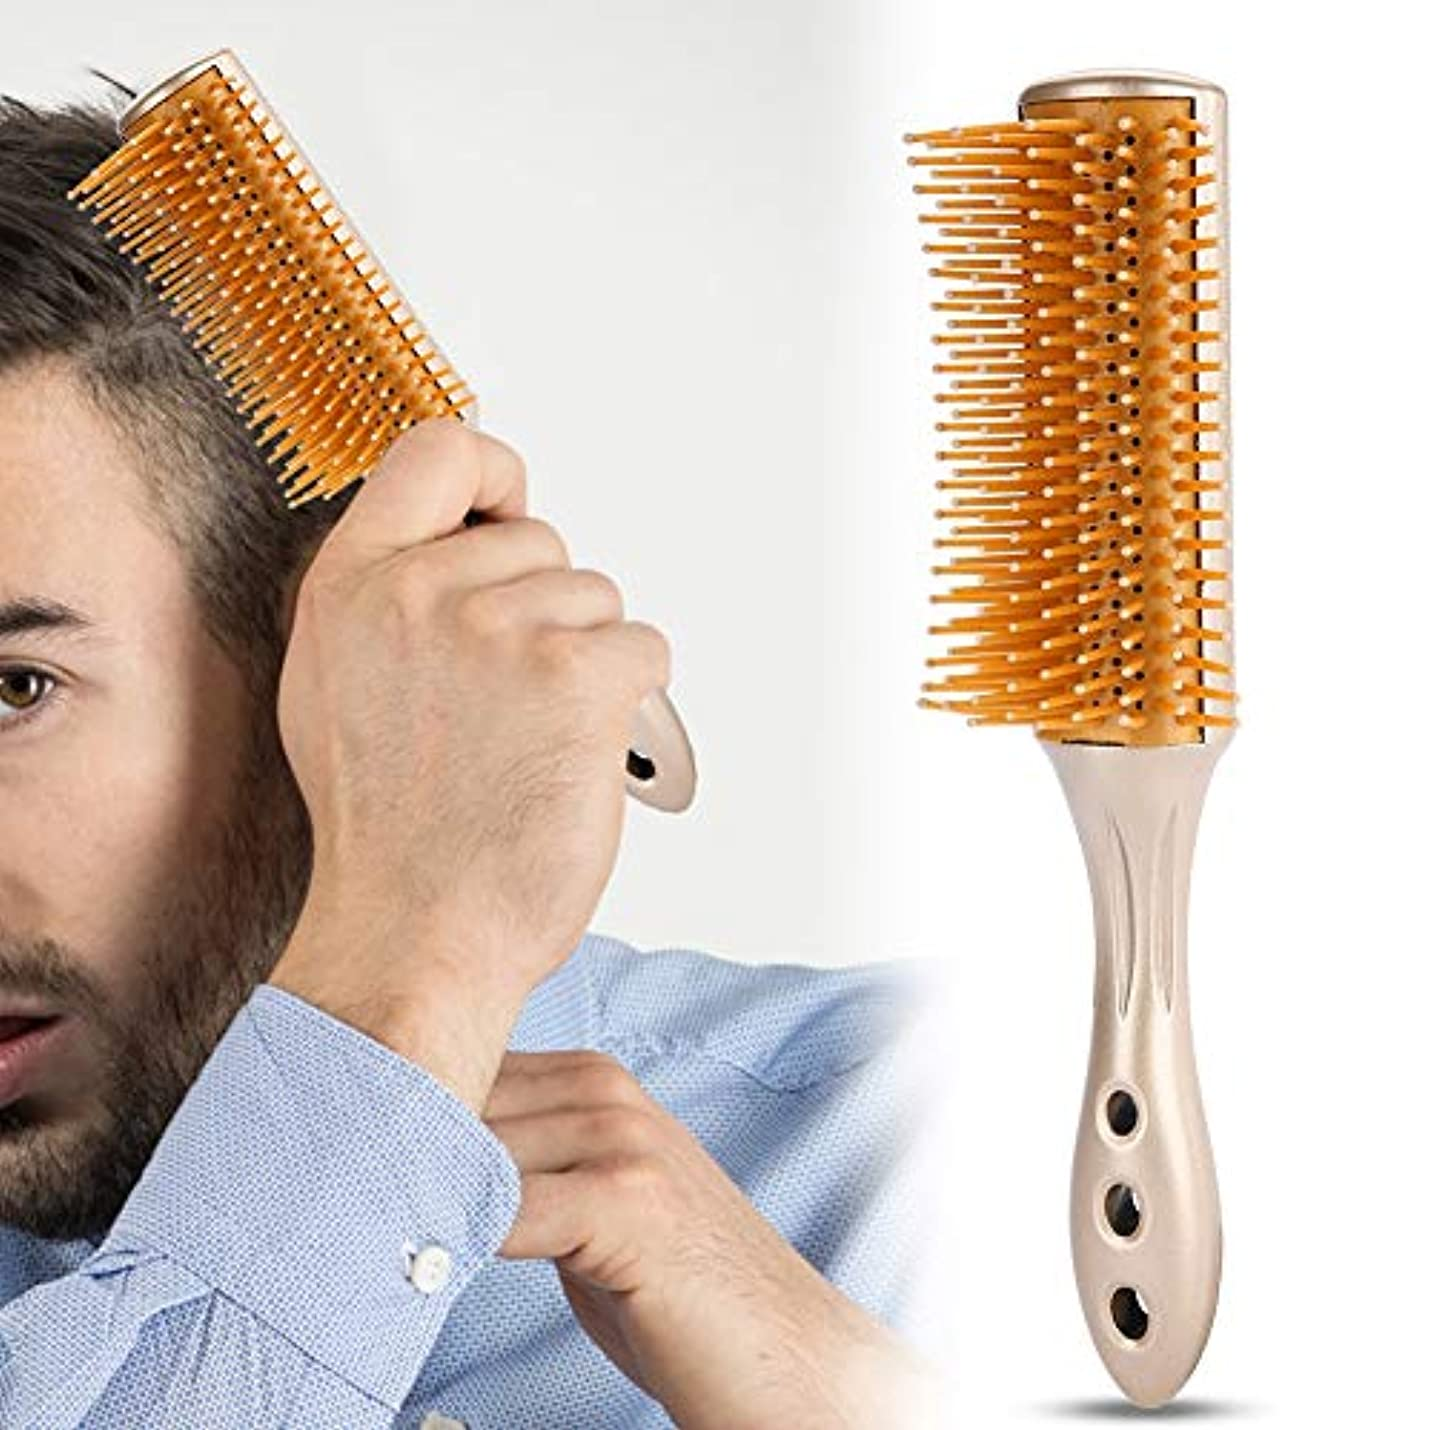 外部文明化登山家ロール美容櫛、9列の櫛 帯電防止ヘアマッサージ男性オイルヘッド櫛すべての髪のタイプのプロの美容スタイリングツール